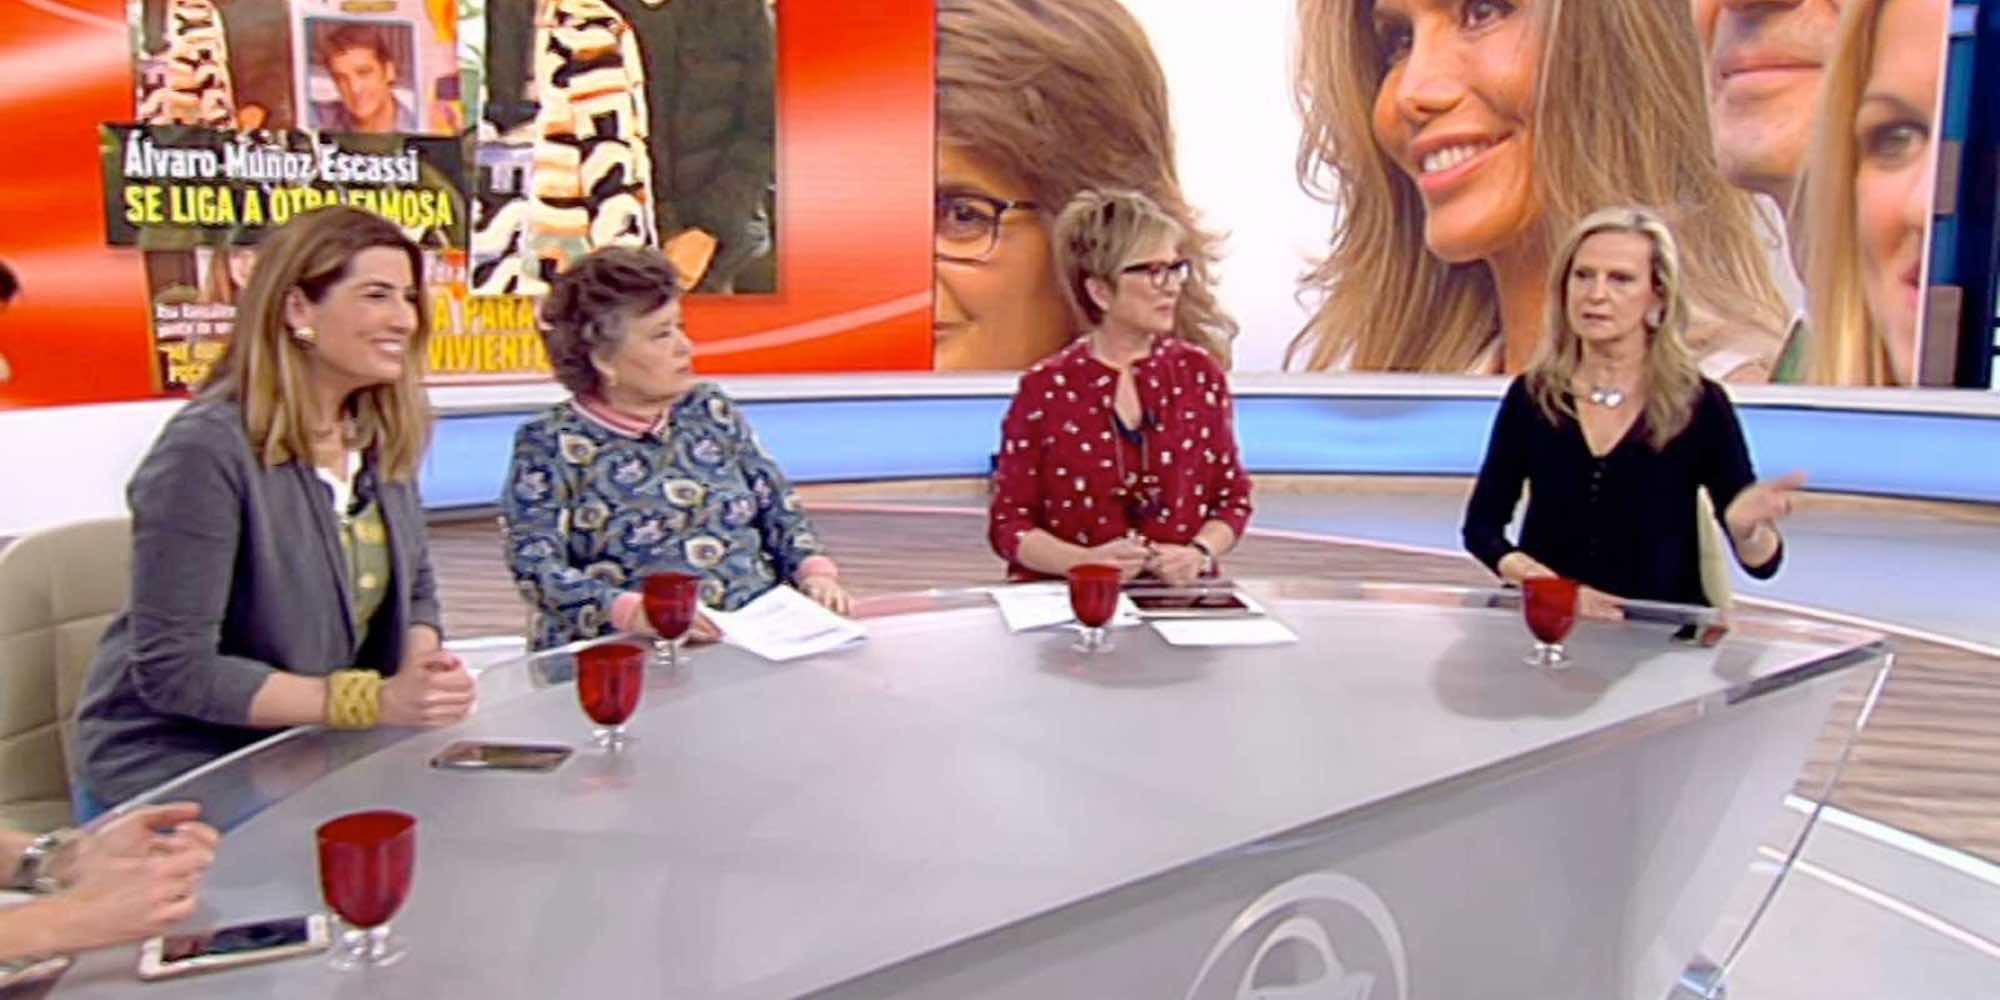 Berta Collado, Isabel San Sebastián y Marta Robles se despiden de 'Amigas y conocidas' tras su cancelación